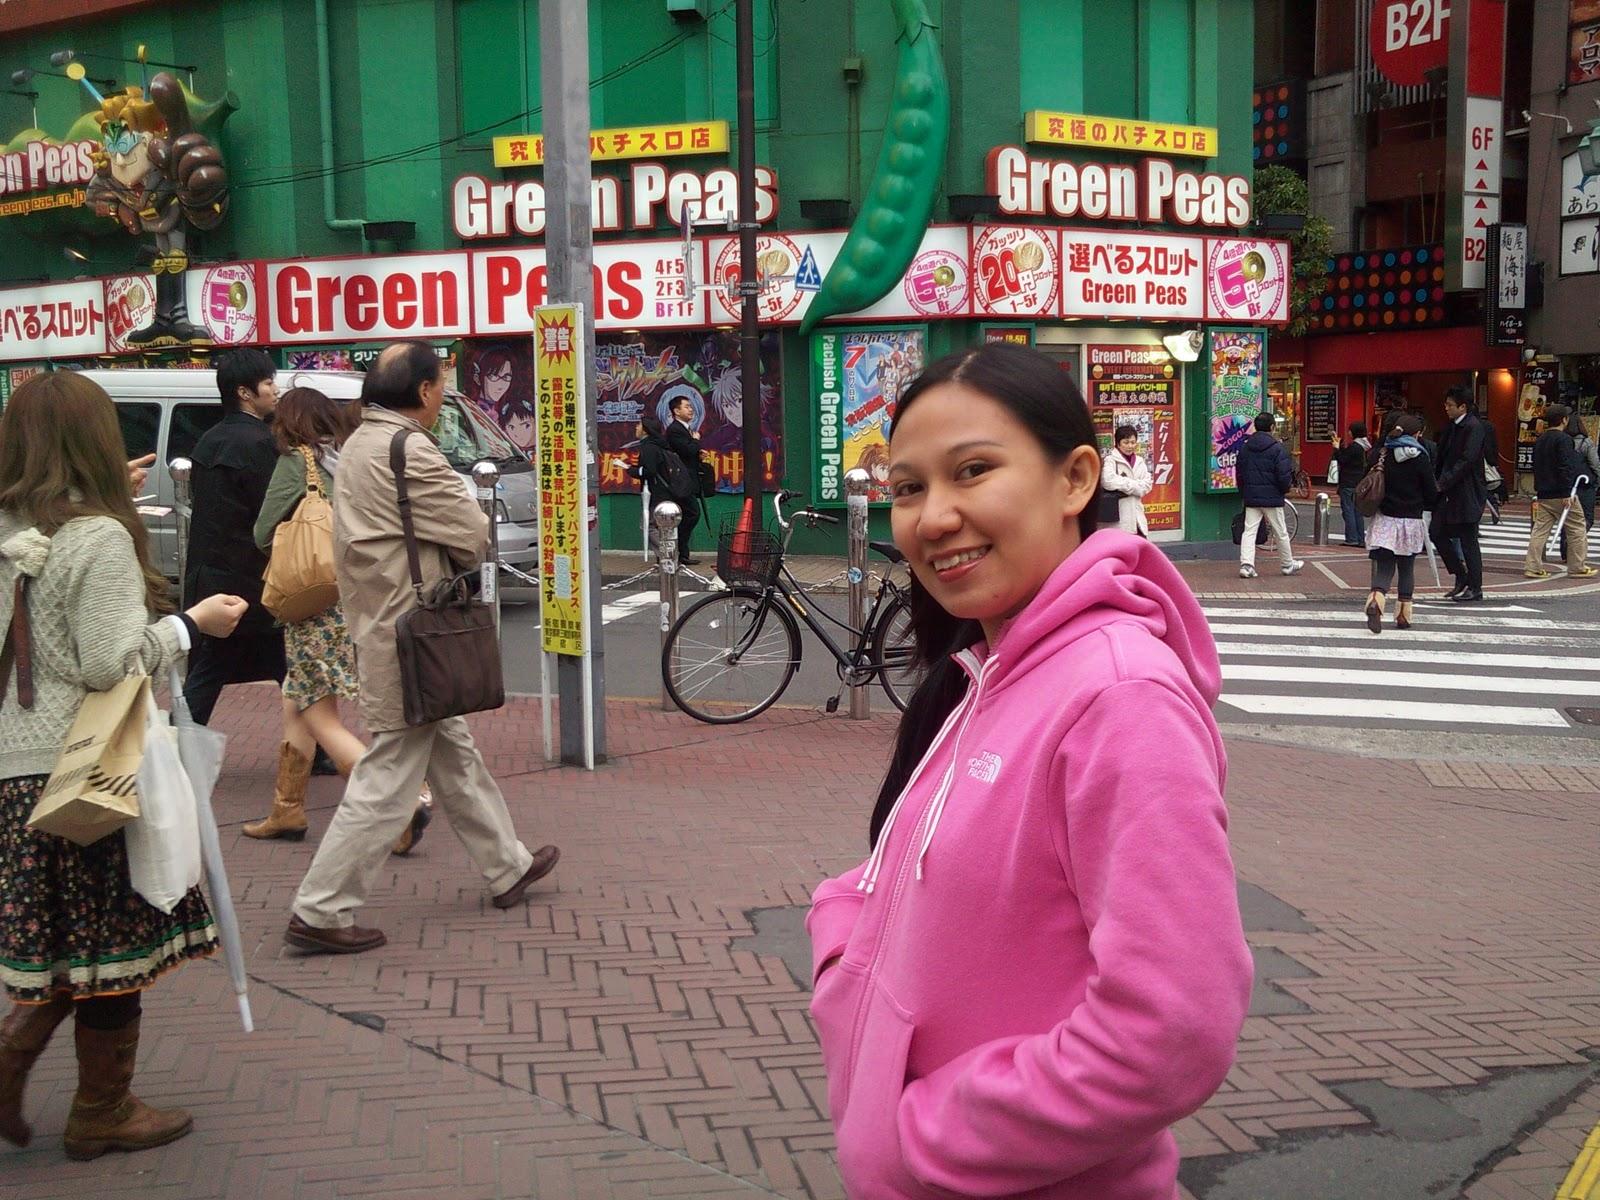 Tokyo Japan Shinjuku Station Green Peas Pachinko